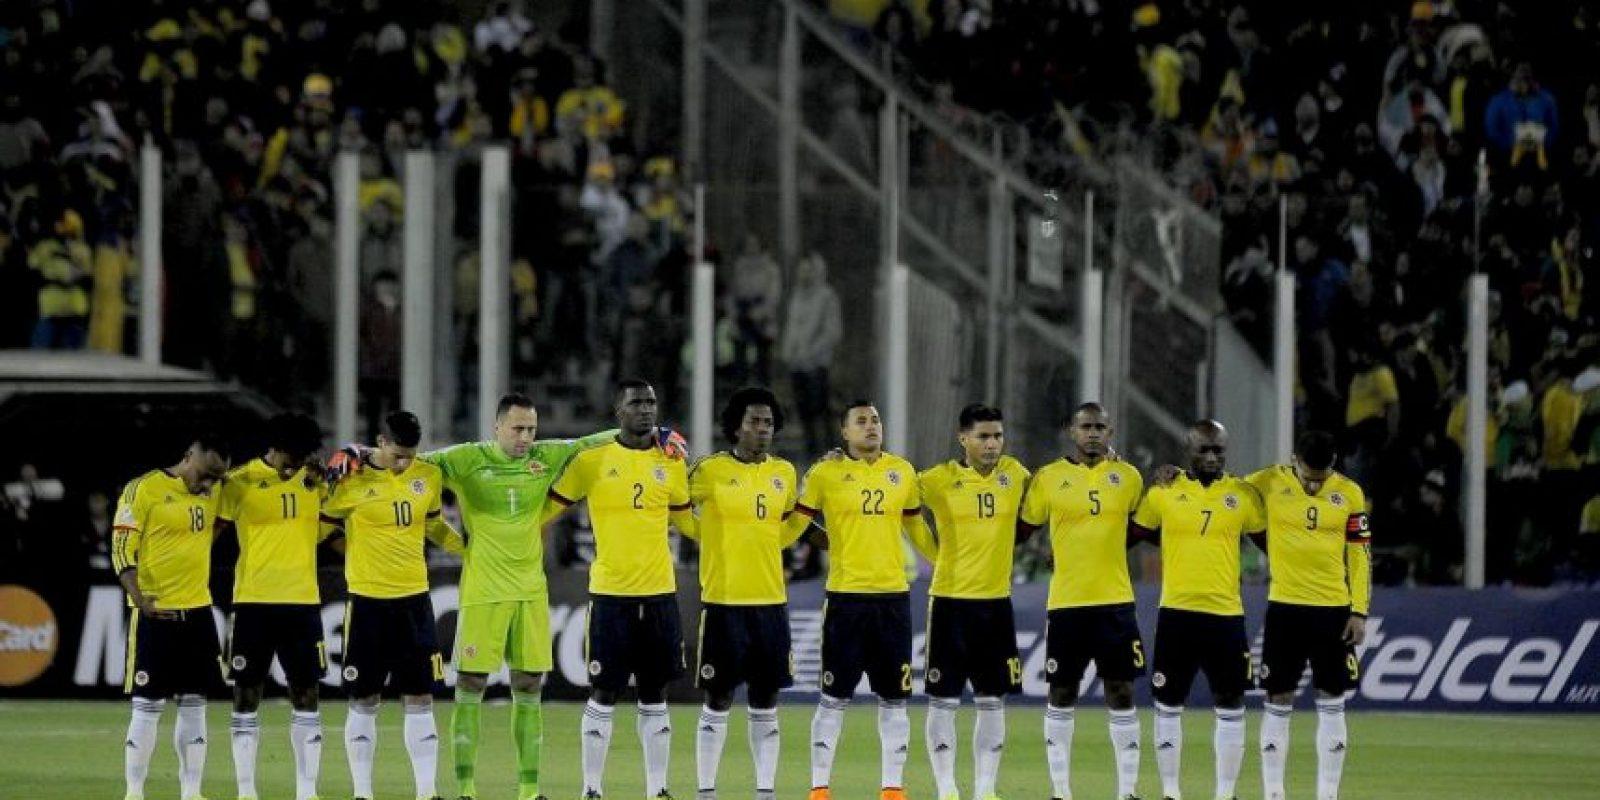 En Bolivia 1997, Paraguay 1999 y Argentina 2011 fueron eliminados en esta instancia y sólo en Venezuela 2007 no superaron la primera fase. Foto:Vía facebook.com/FCFSeleccionColPage